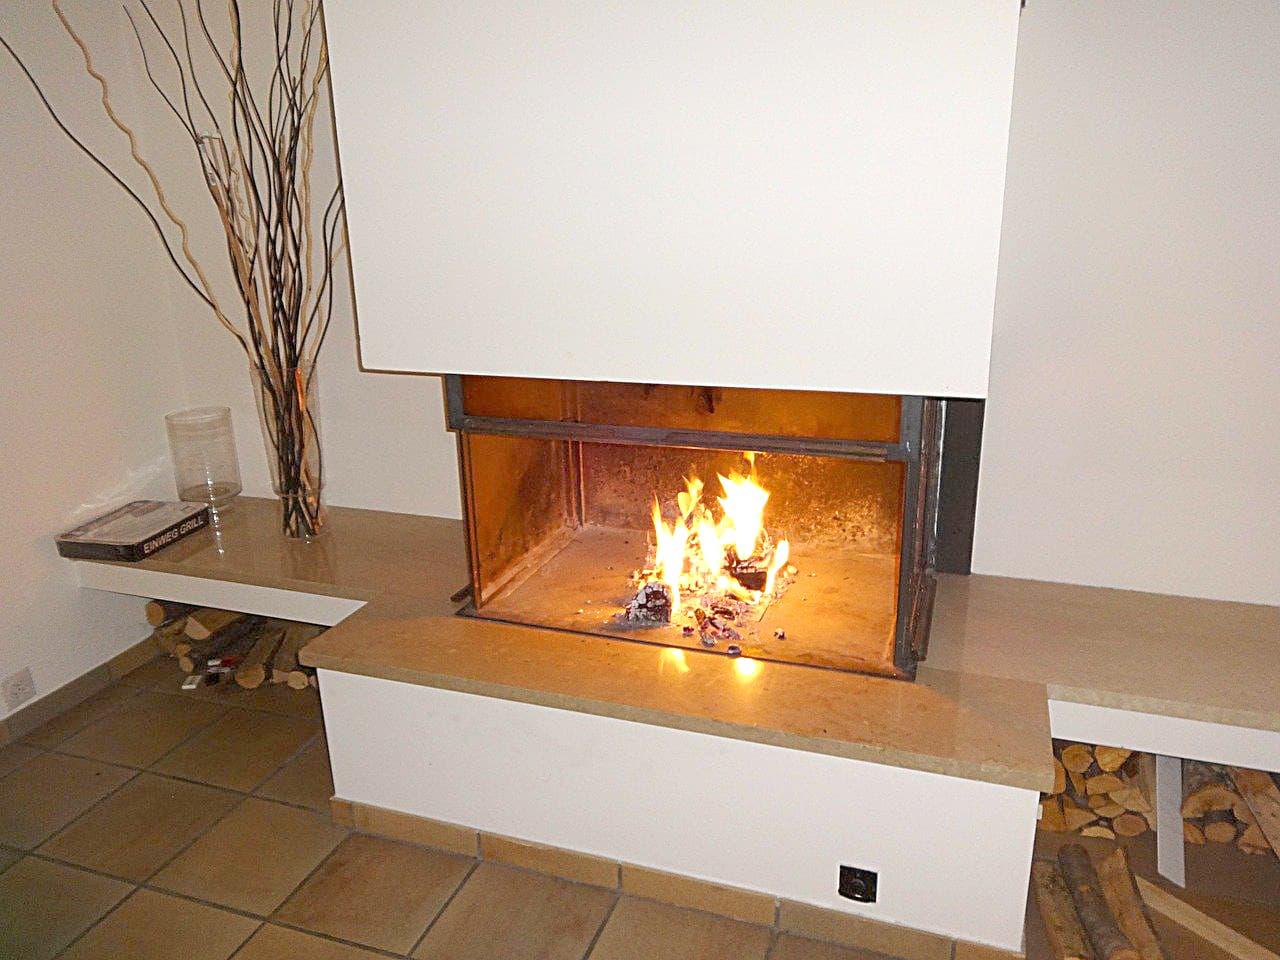 Kein Spiel mit dem Feuer: Kamin- und Kachelöfen umweltfreundlich nutzen